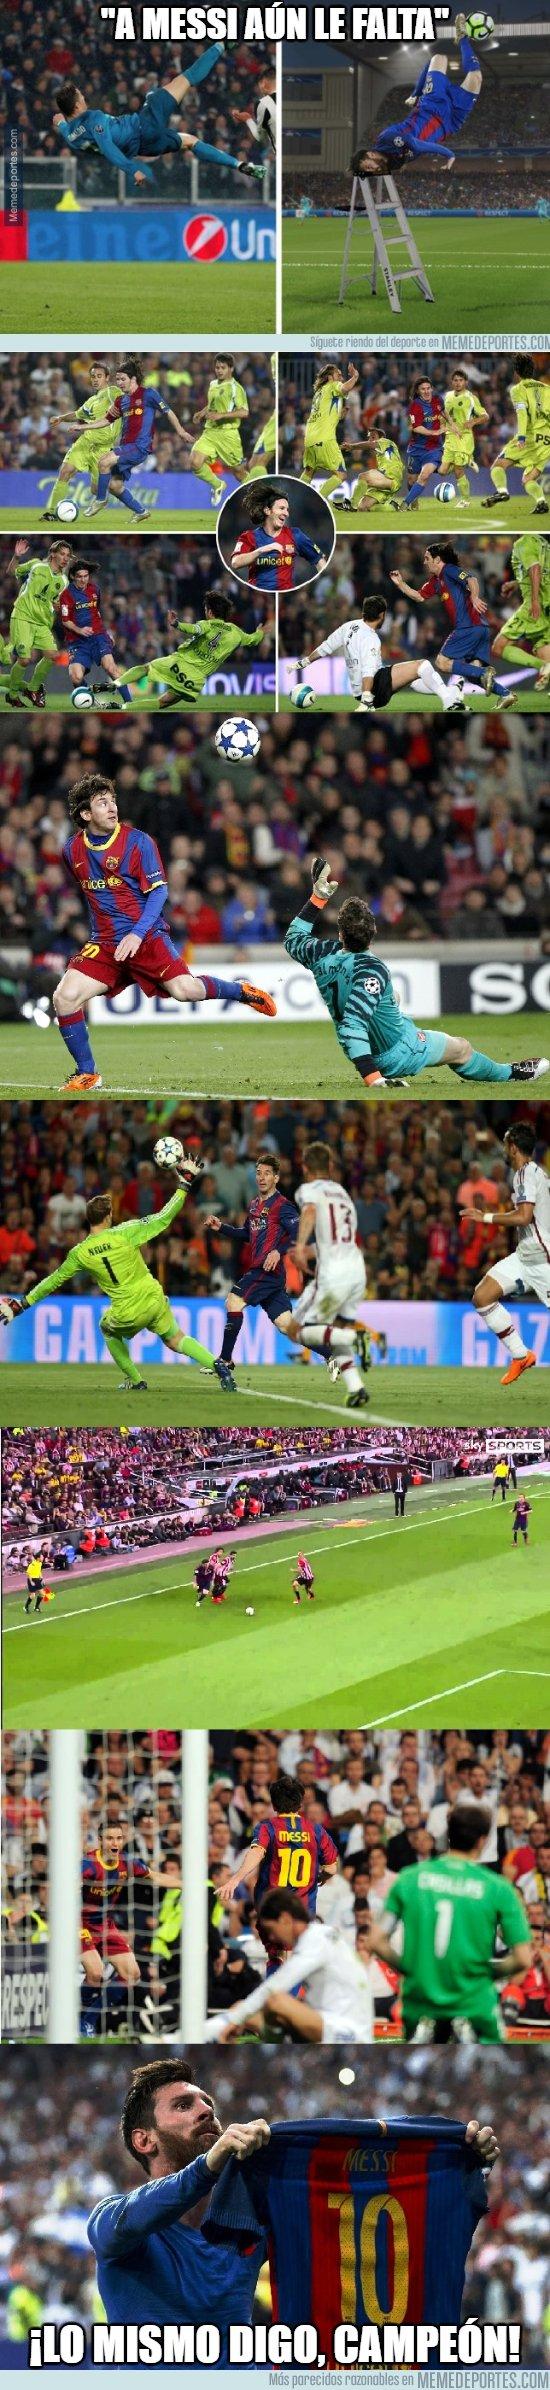 1028378 - Lo que tiene que decir Messi sobre la chilena de CR7